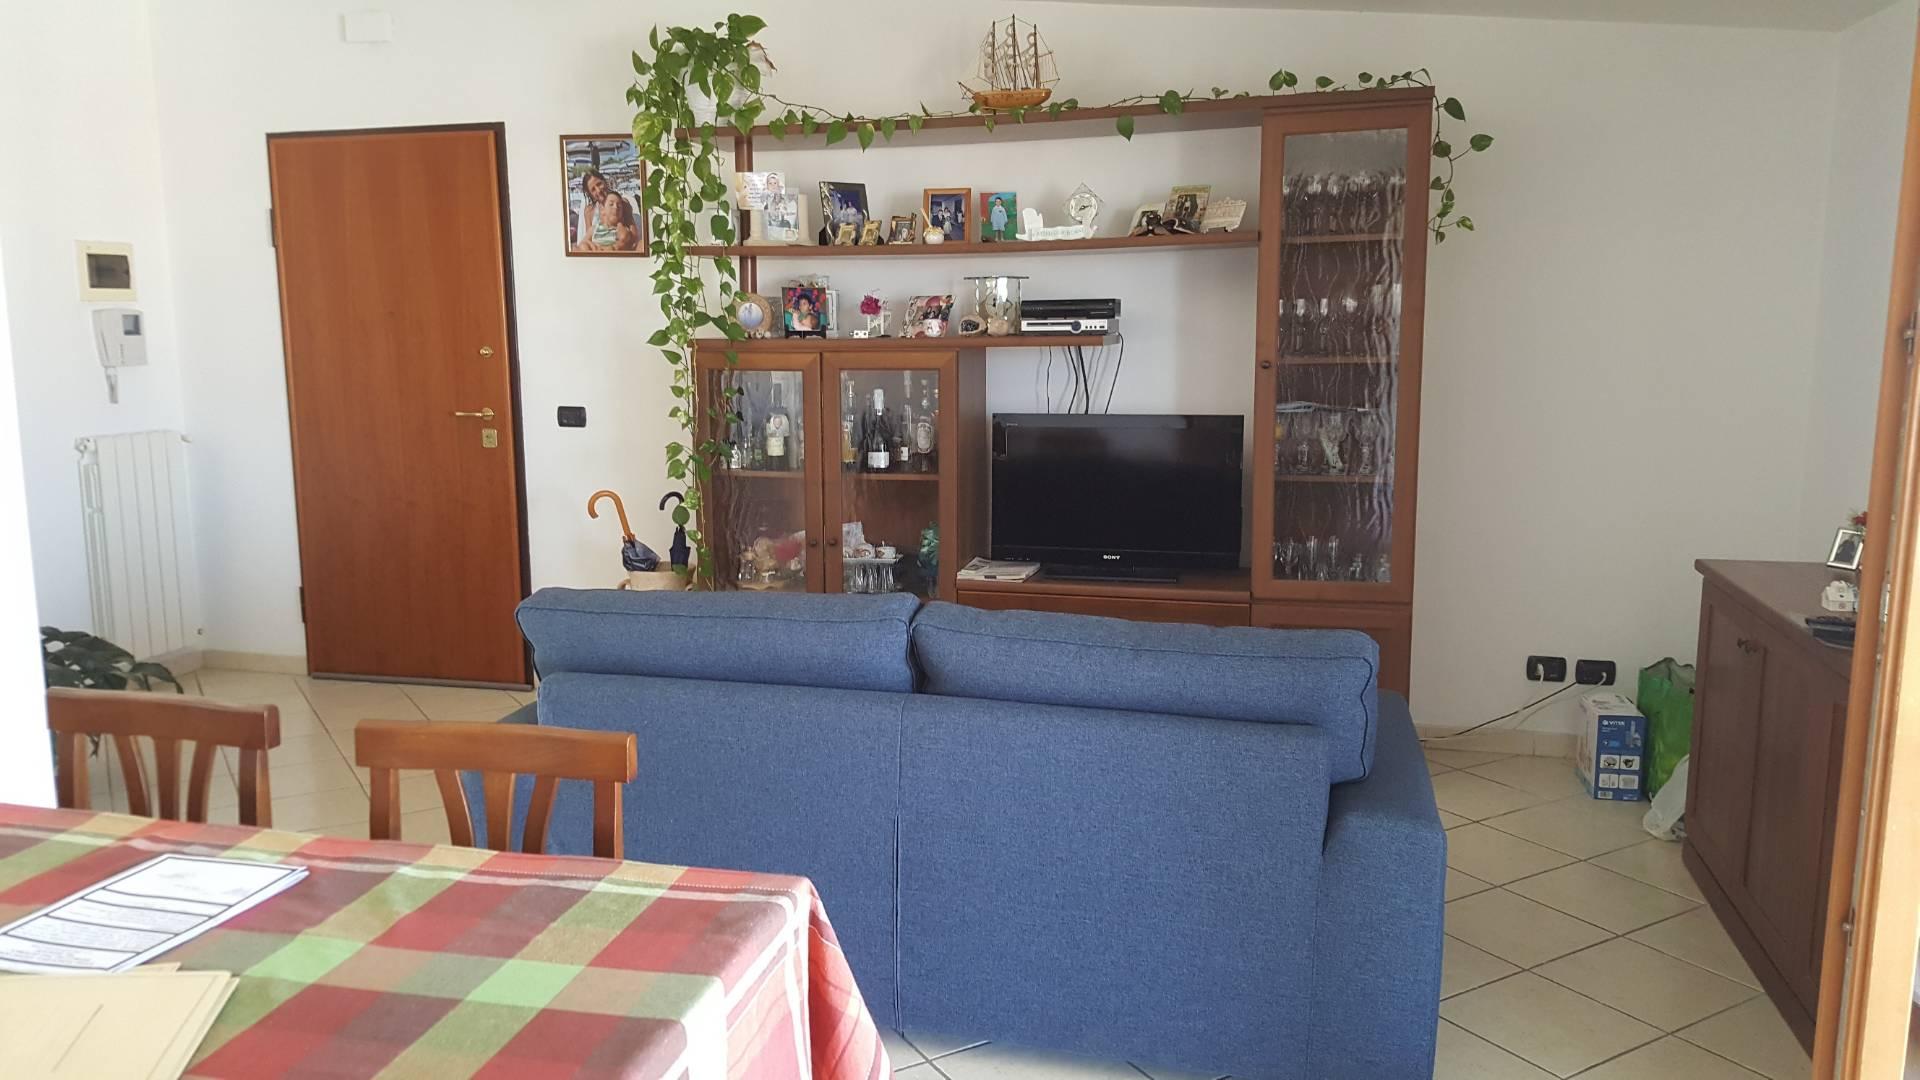 vendita appartamento montesilvano montesilvano centro  168000 euro  8 locali  124 mq